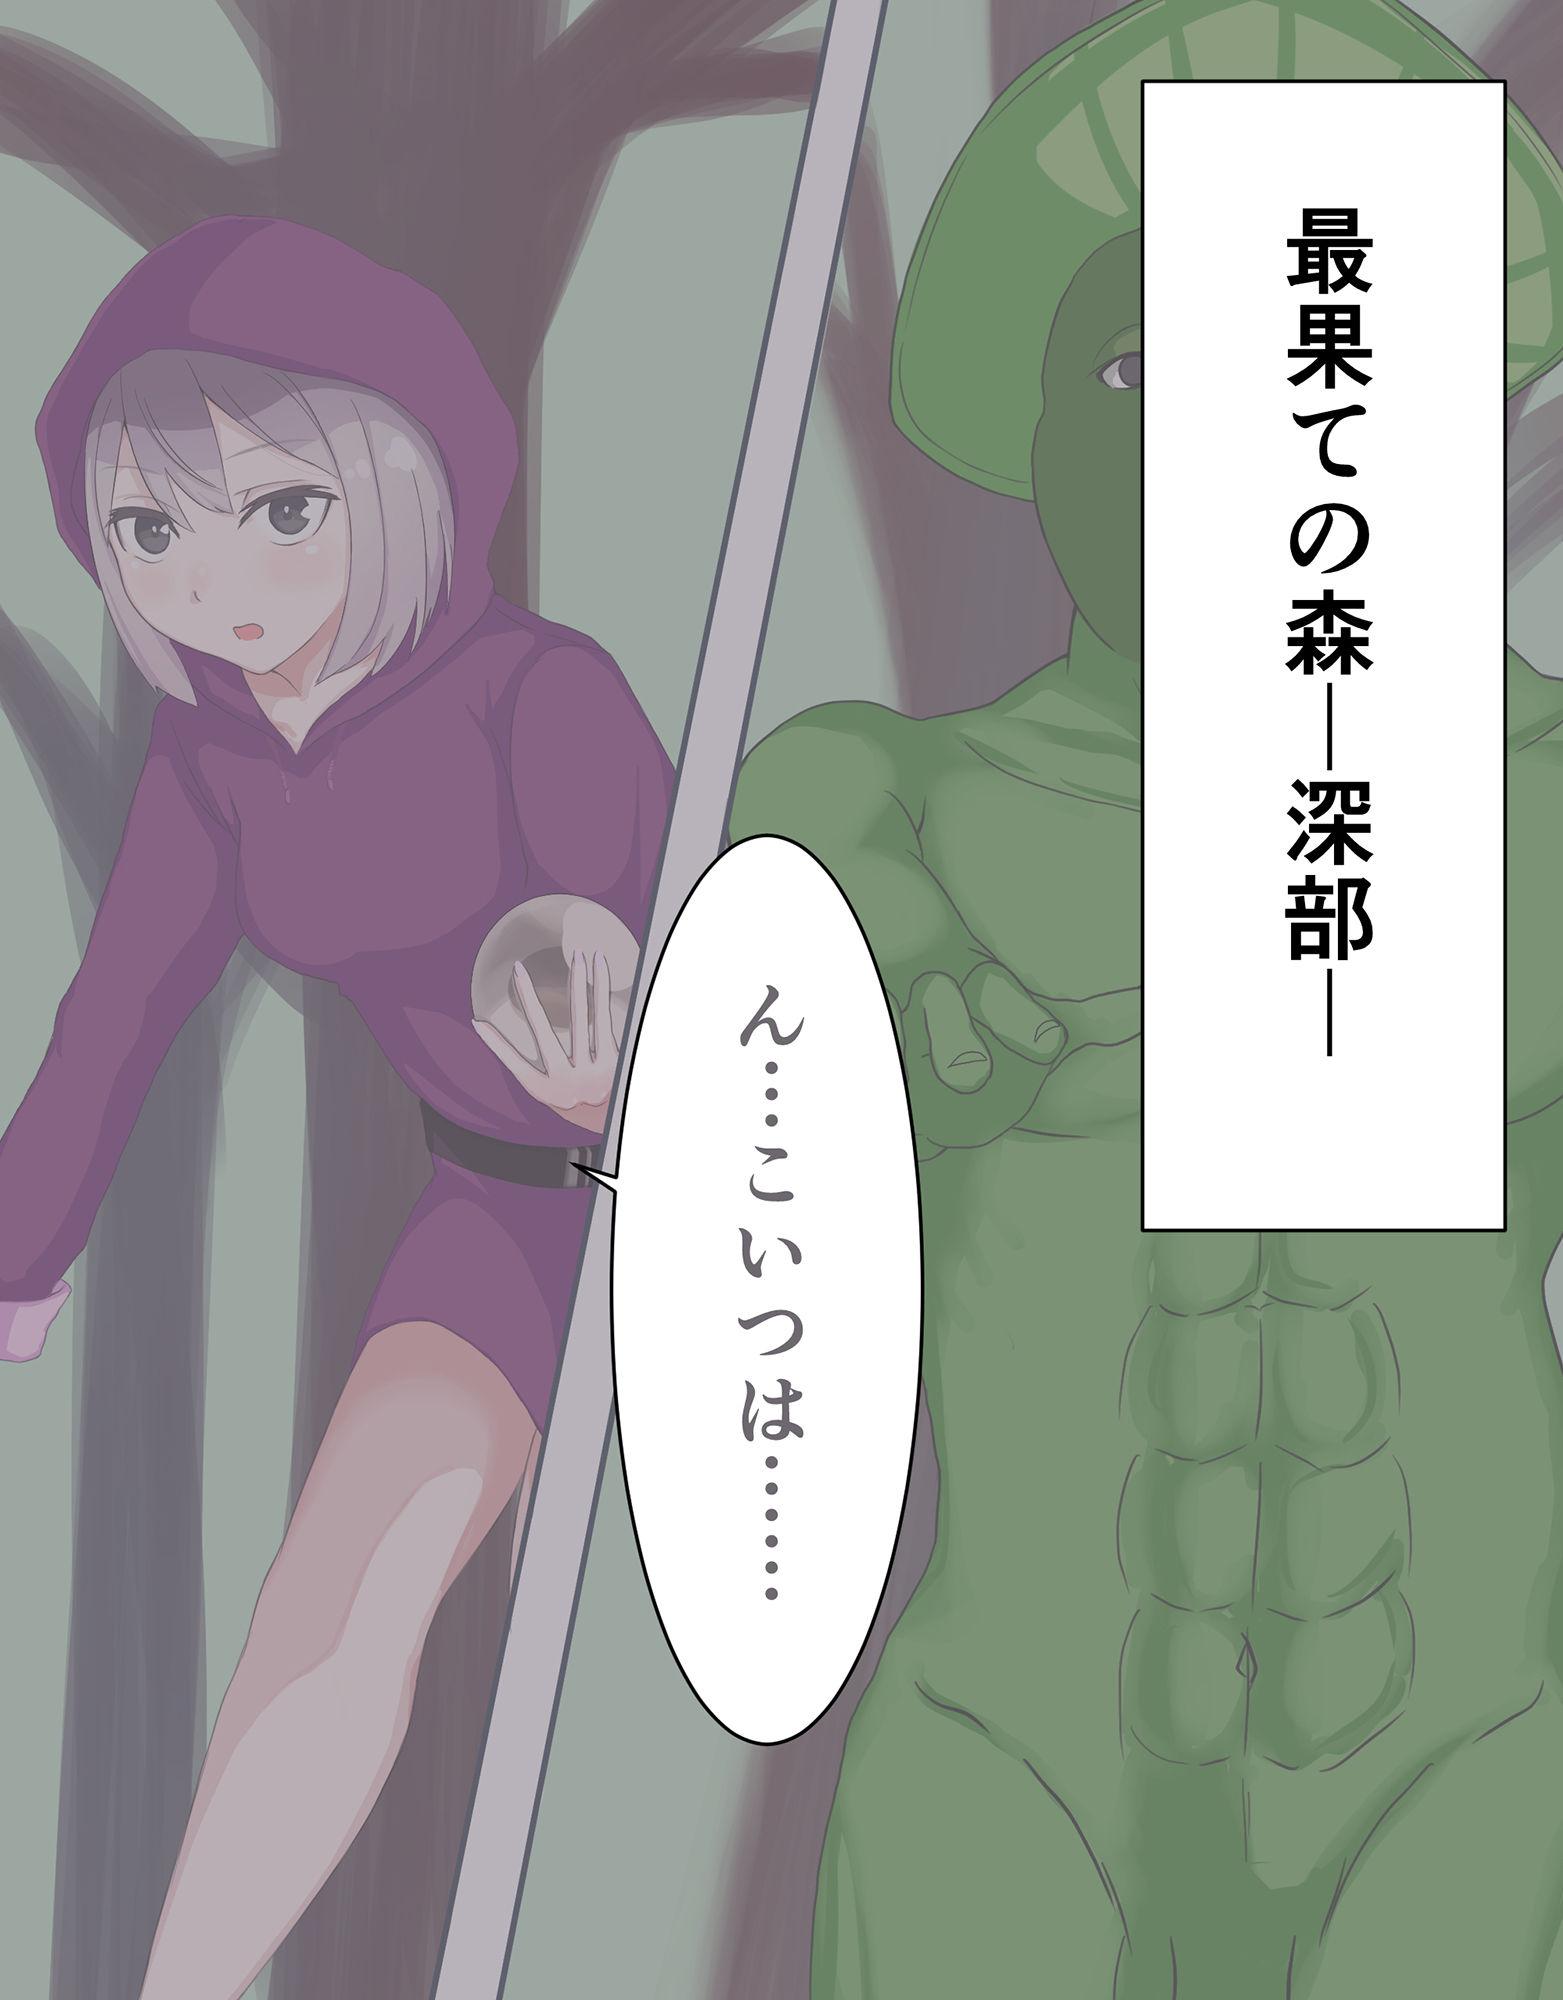 魔導を極めし少女は雑魚キノコ怪人に敗北し眷属へと堕ちる エロ画像